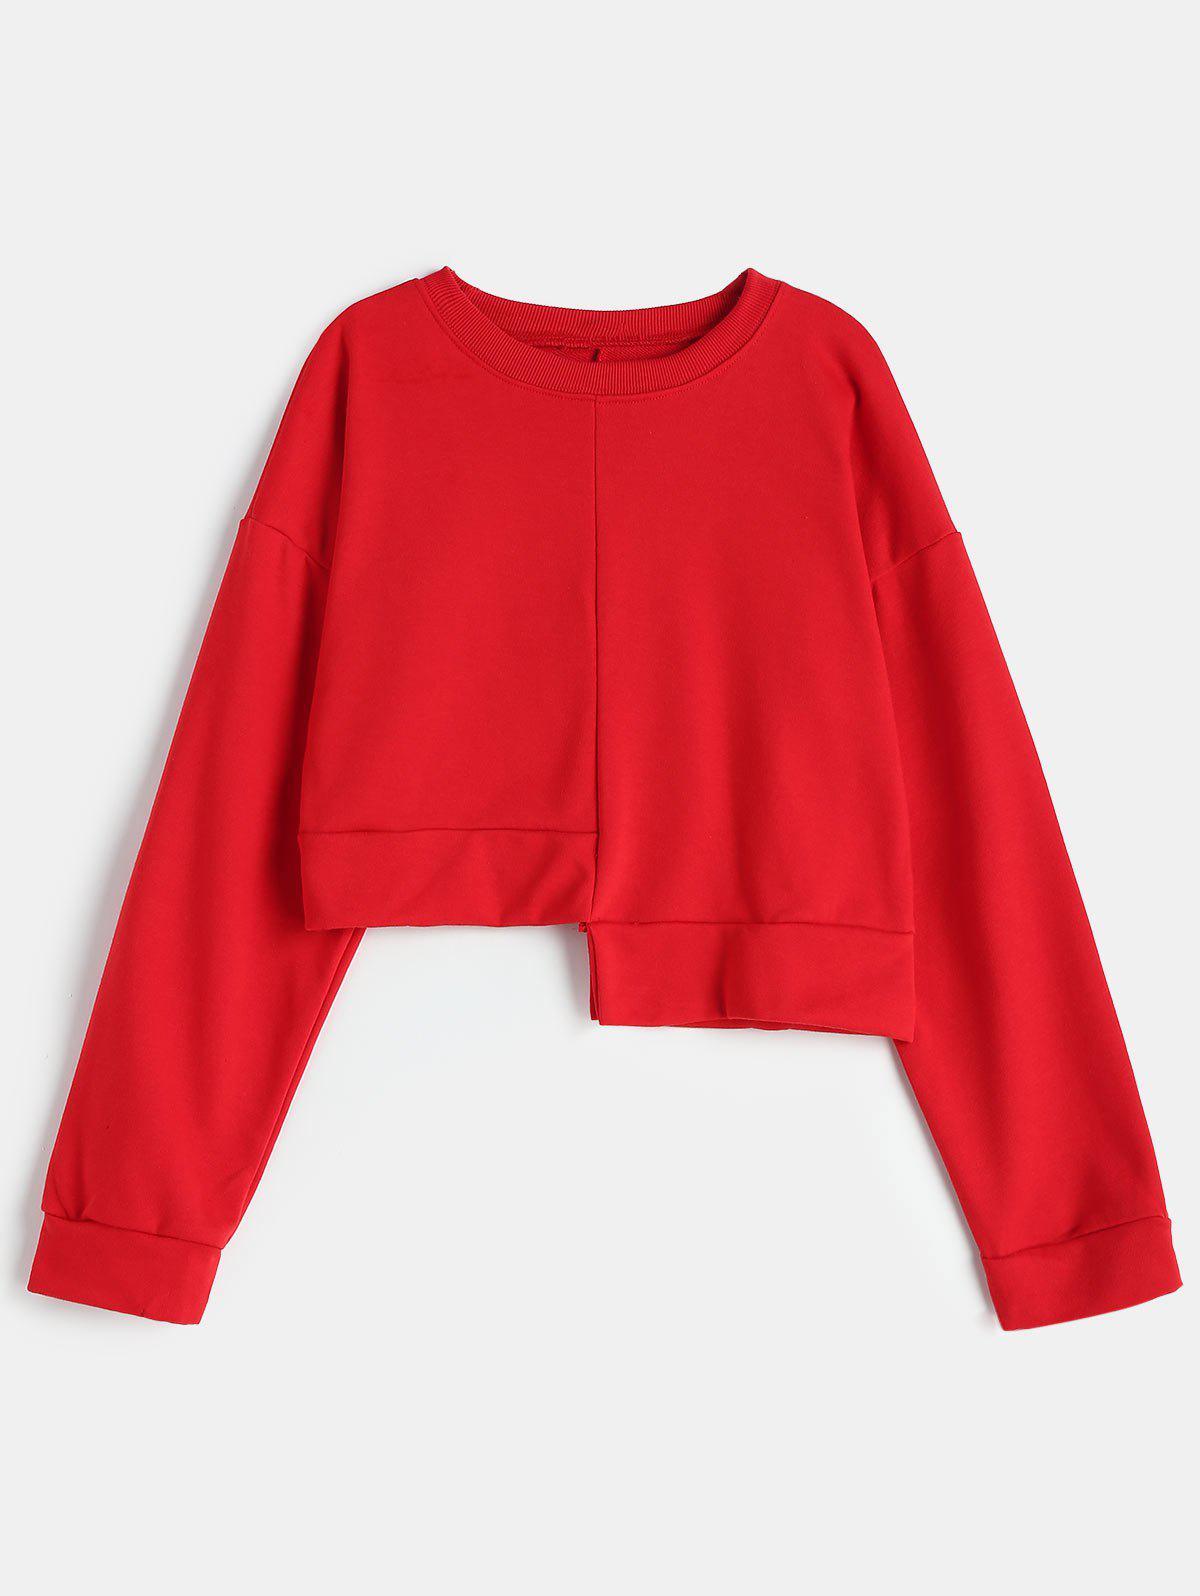 Solid Color Asymmetric Sweatshirt